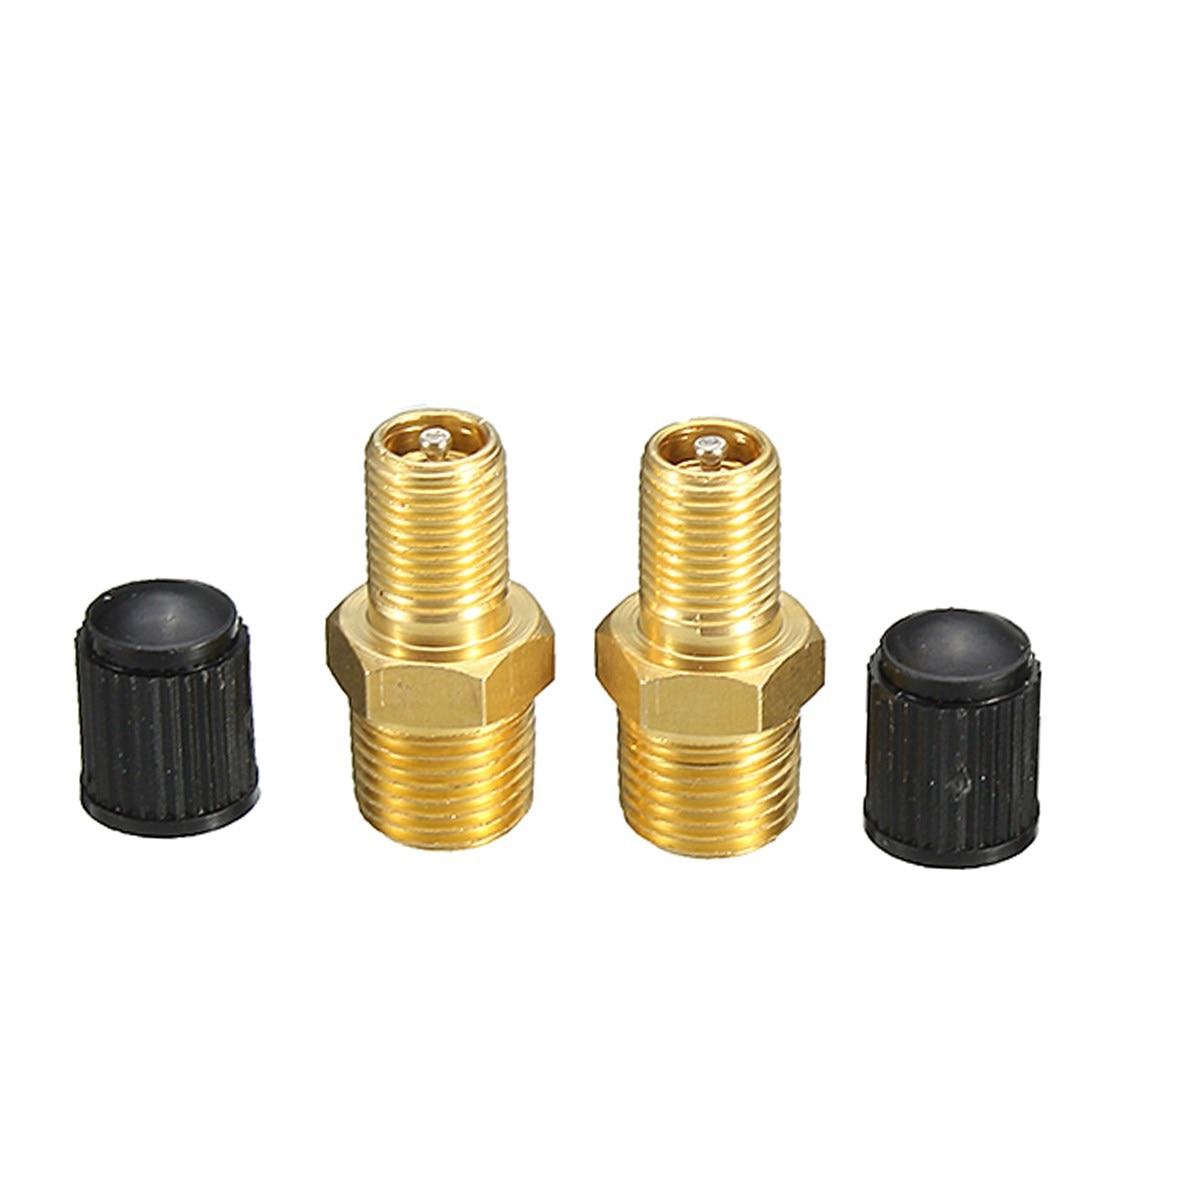 2 pces latão válvula de enchimento do tanque do compressor de ar 1/8 nnnpt niquelado schrader